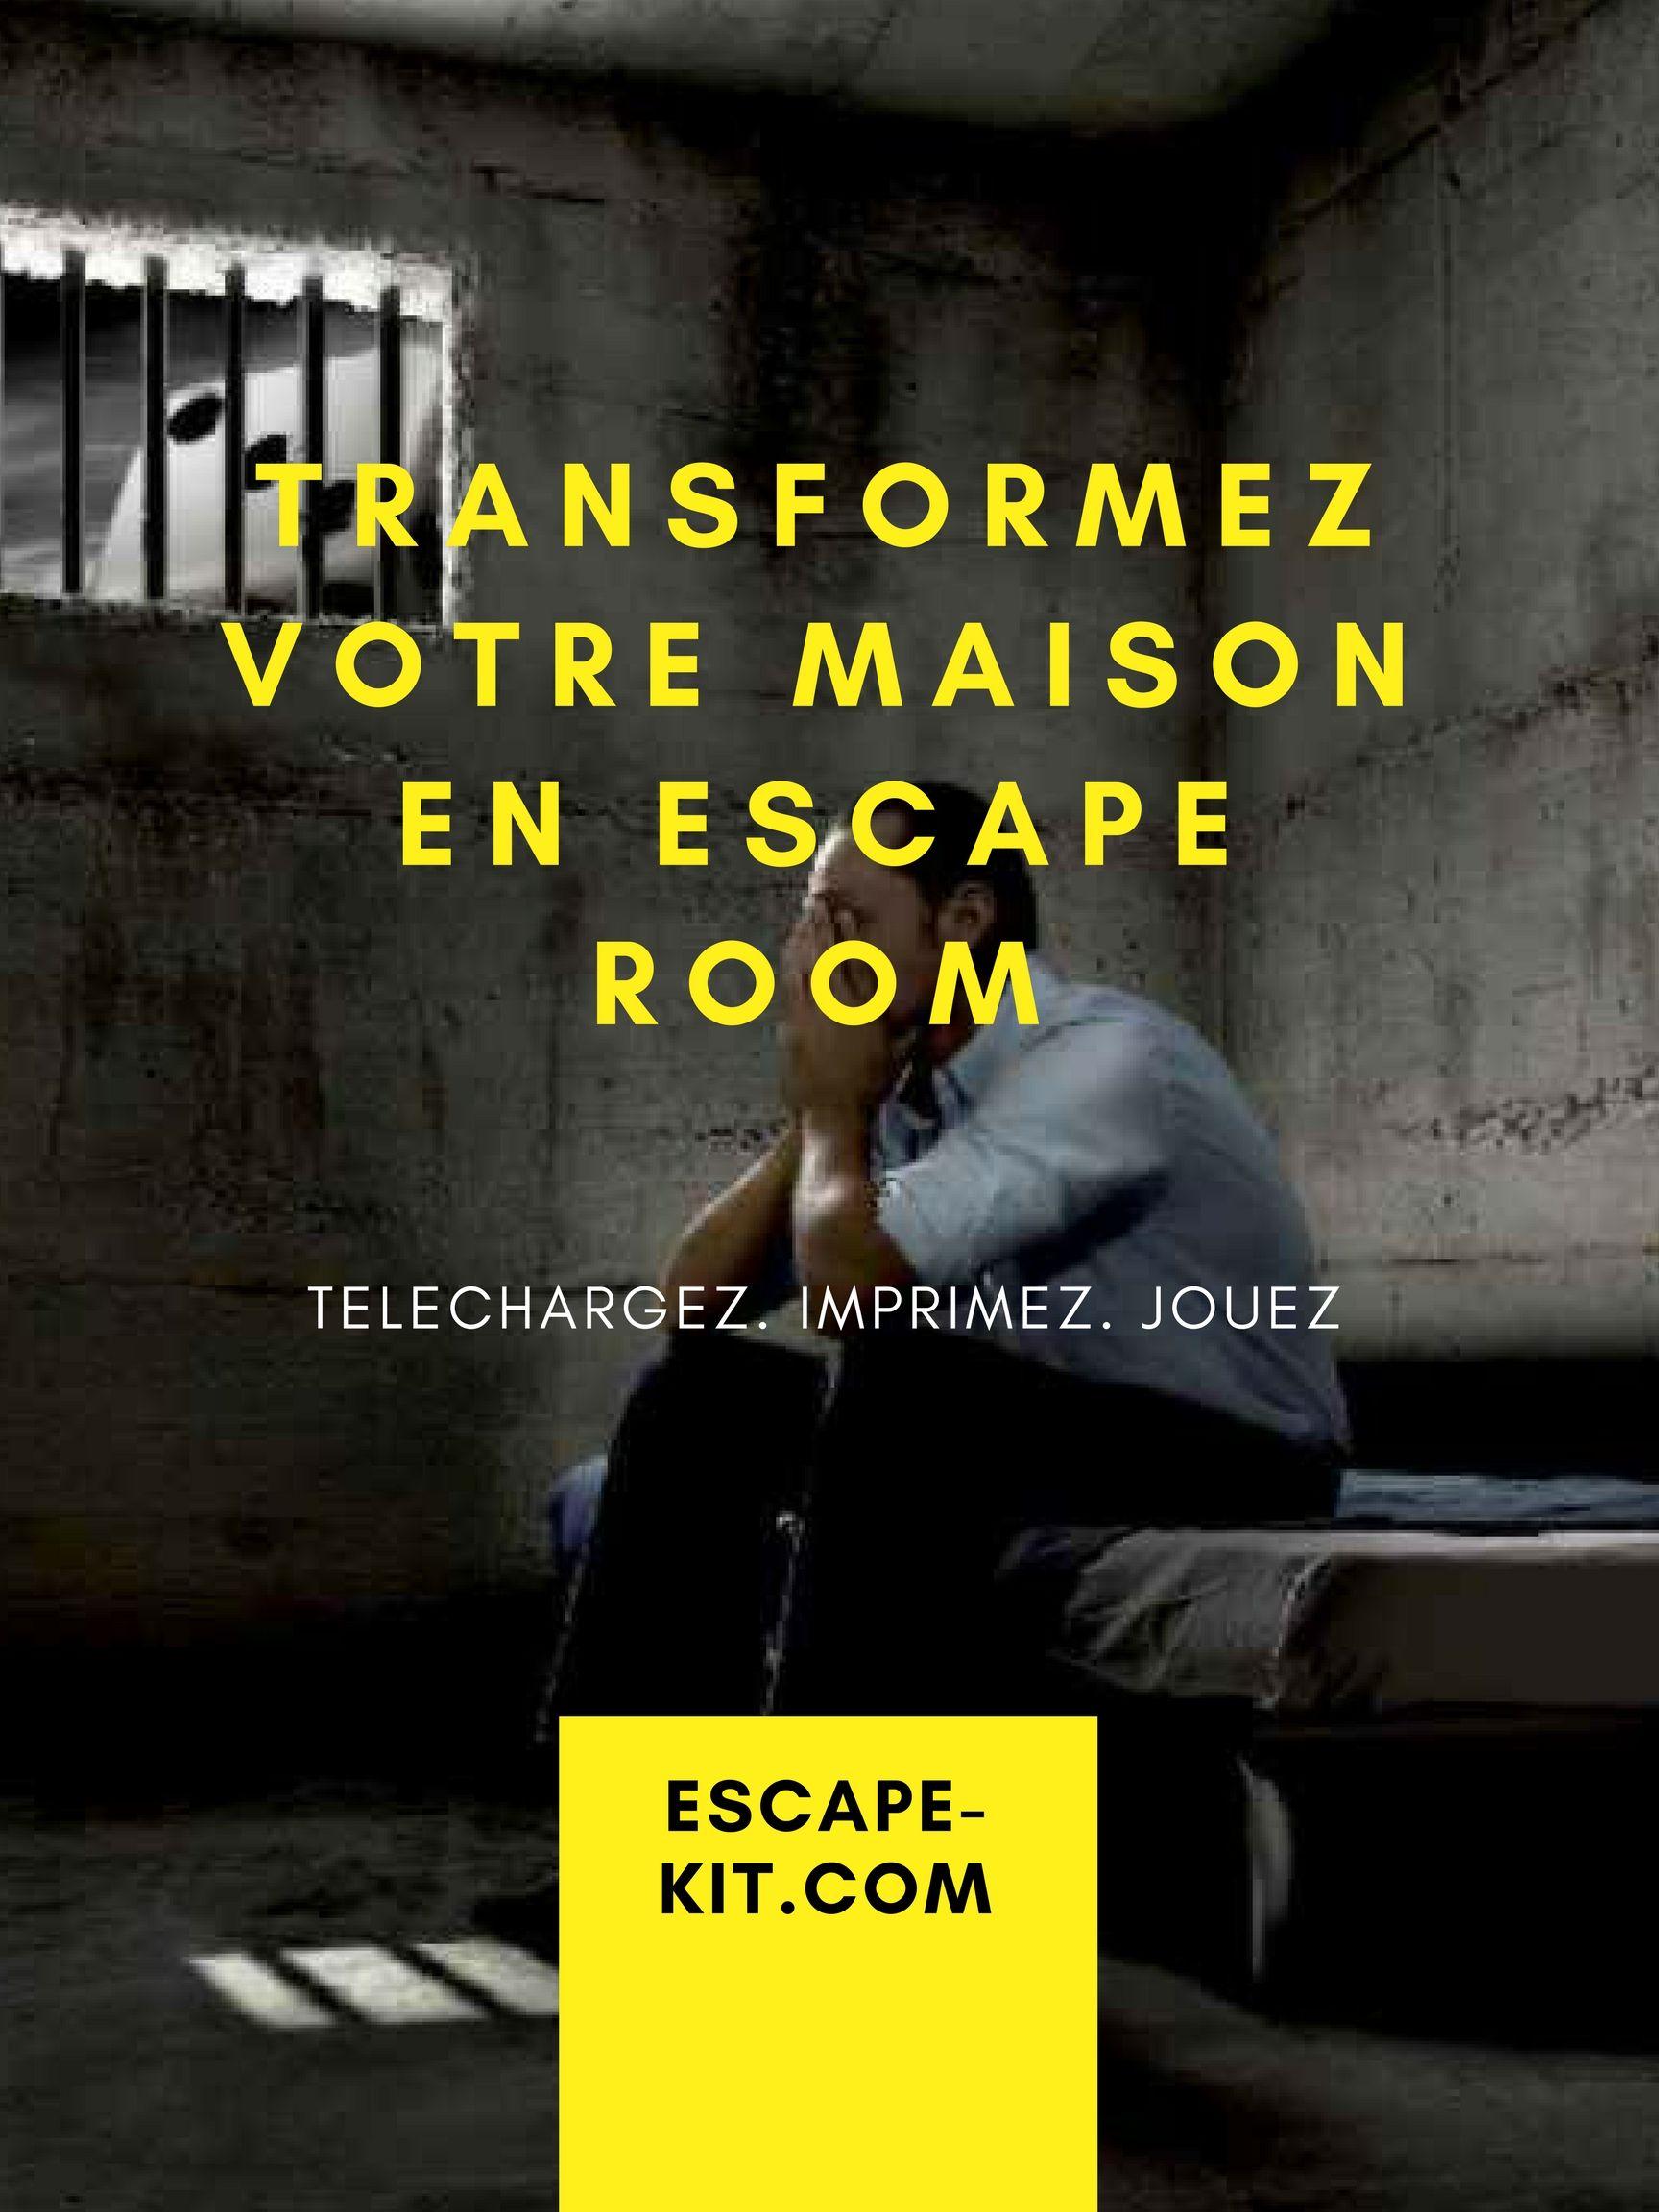 vous souhaitez organiser un escape game la maison pour un anniversaire ou evg evjf c 39 est. Black Bedroom Furniture Sets. Home Design Ideas